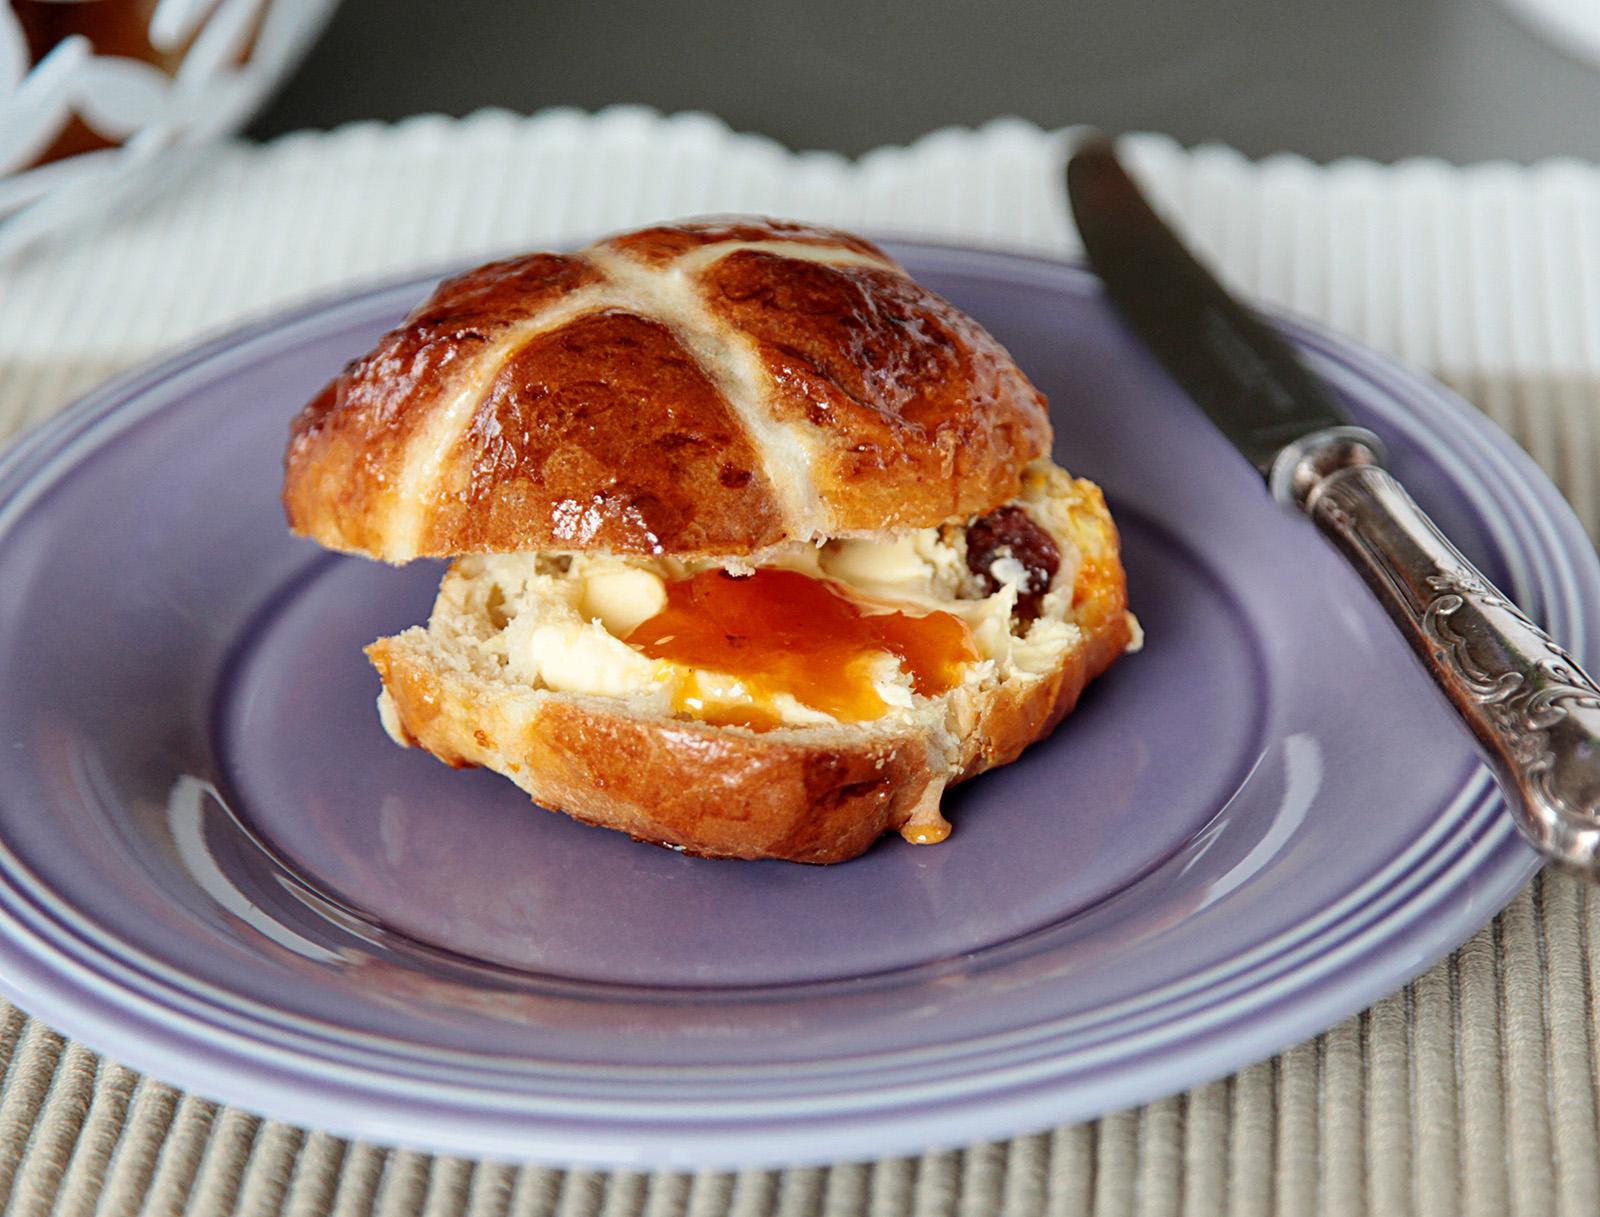 Nejlépe ještě teplé podávejte s máslem a marmeládou